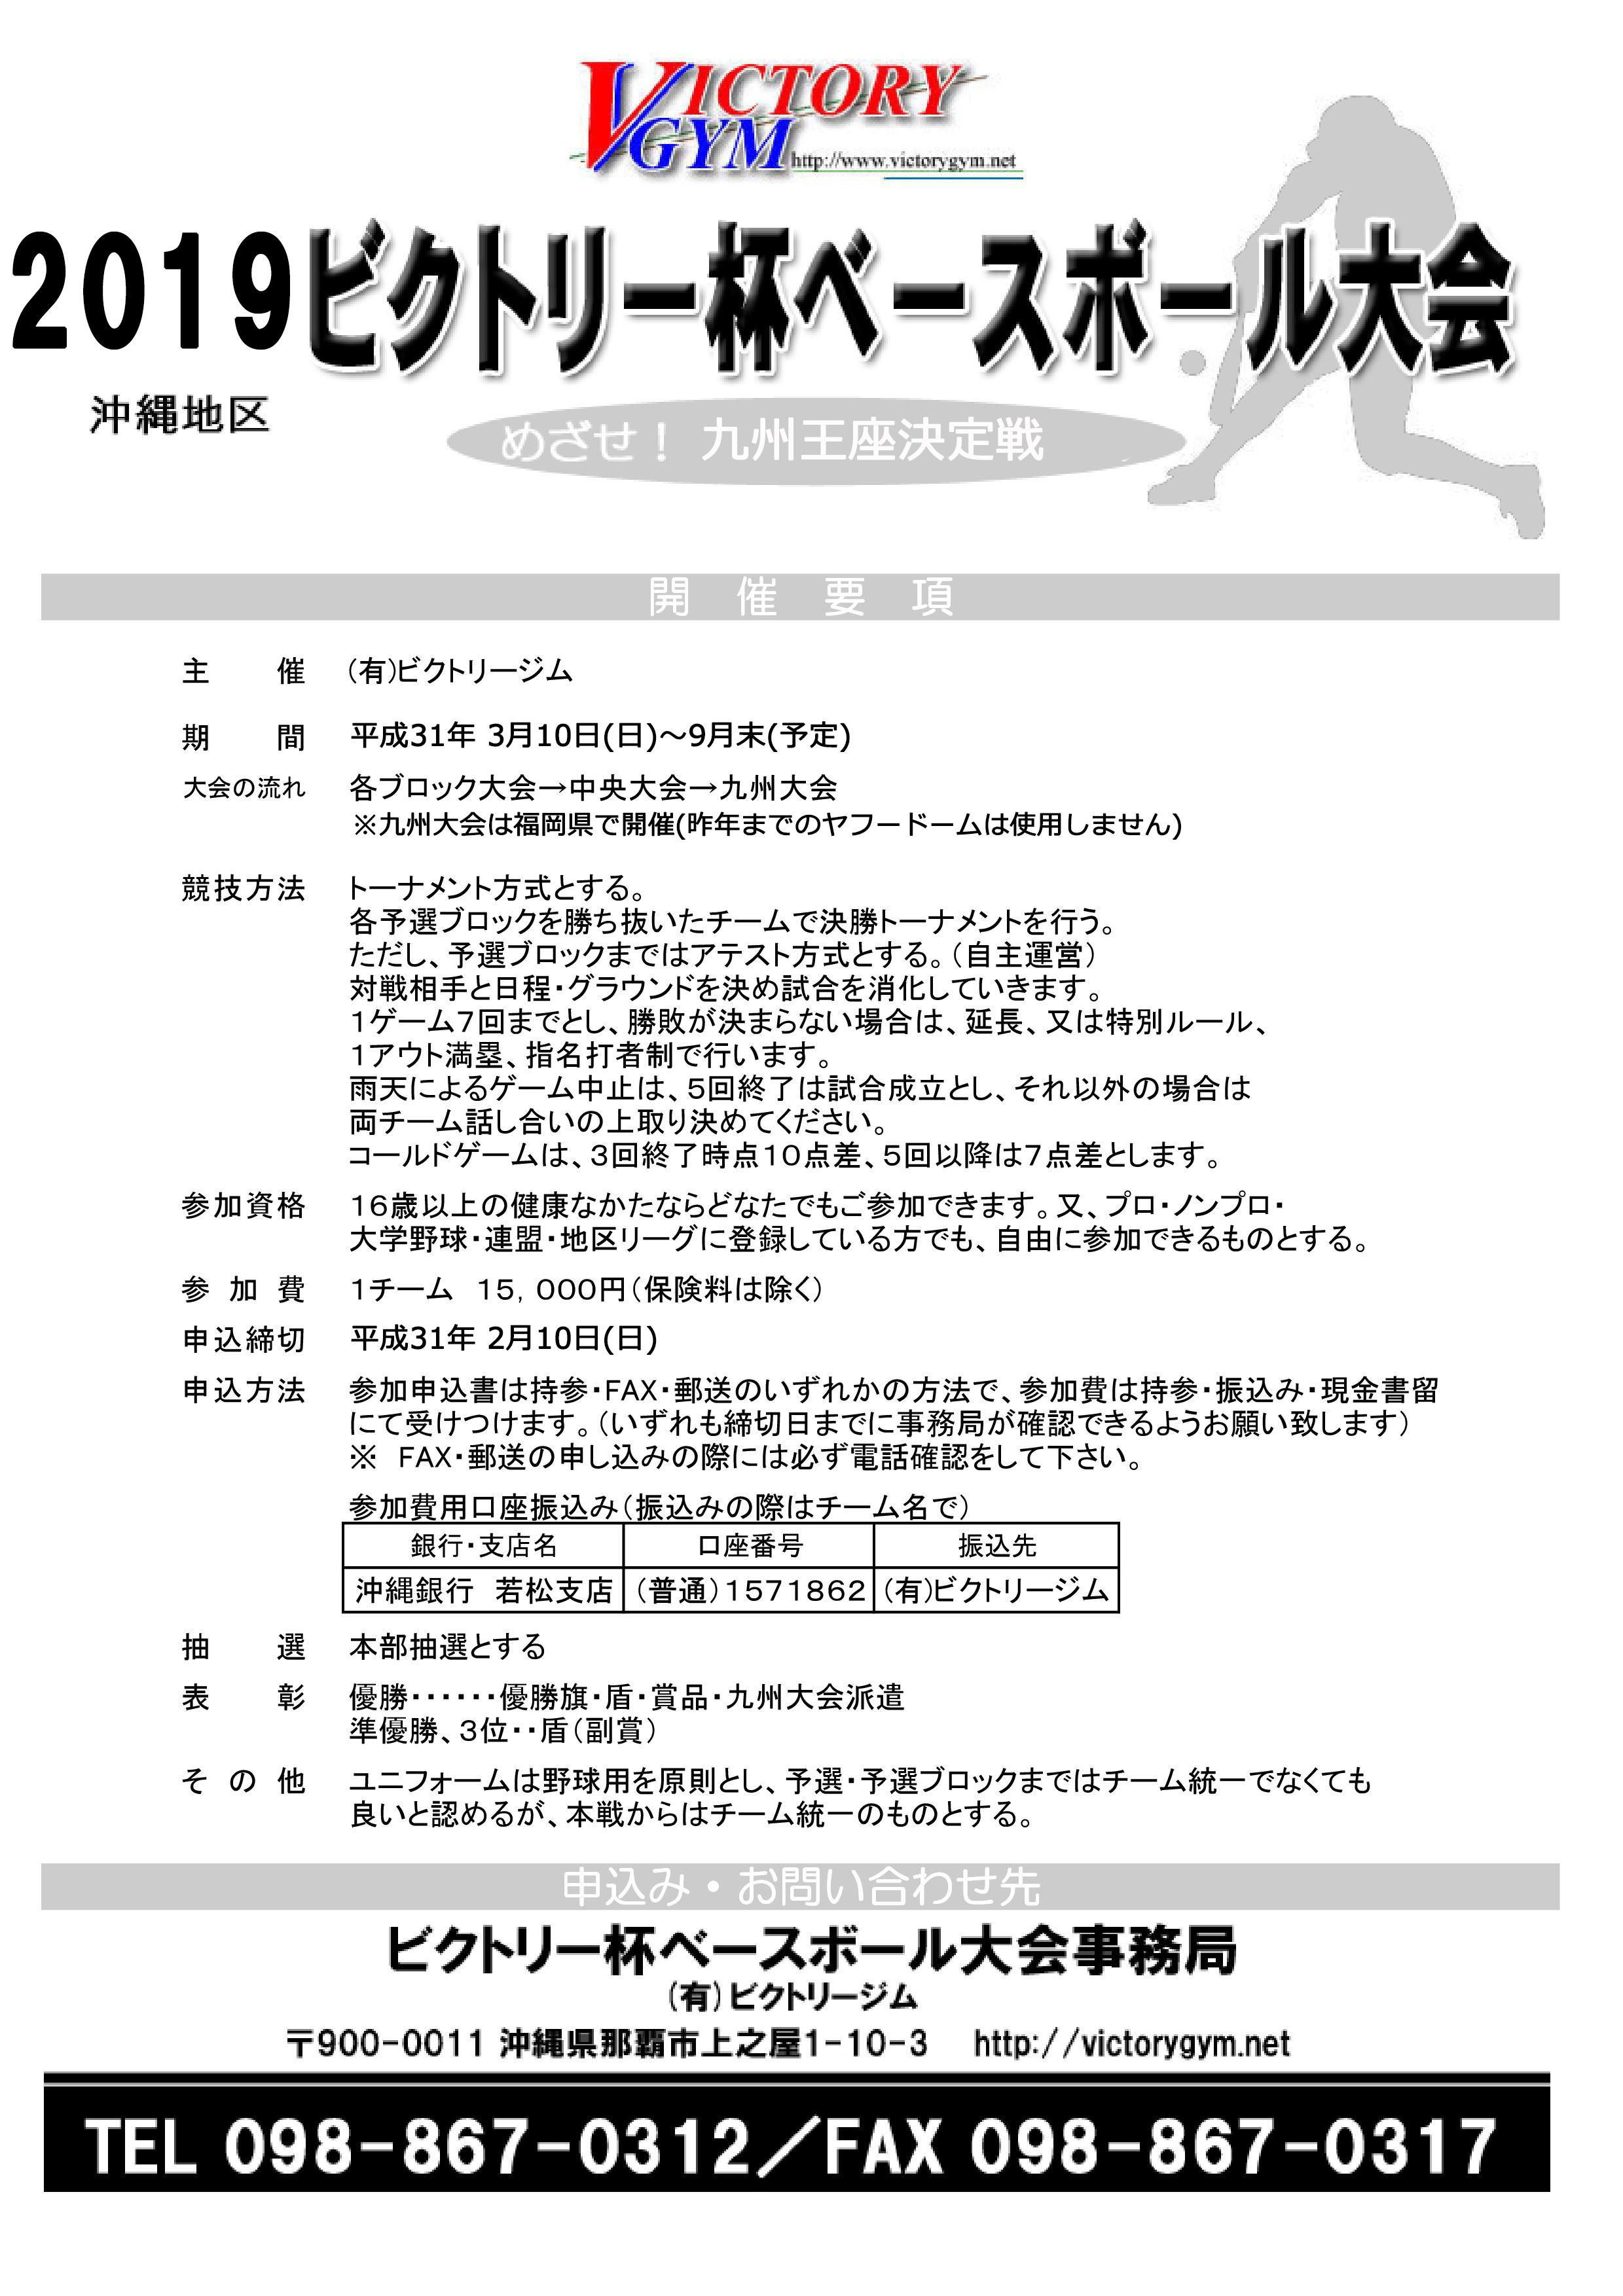 okinawa_info